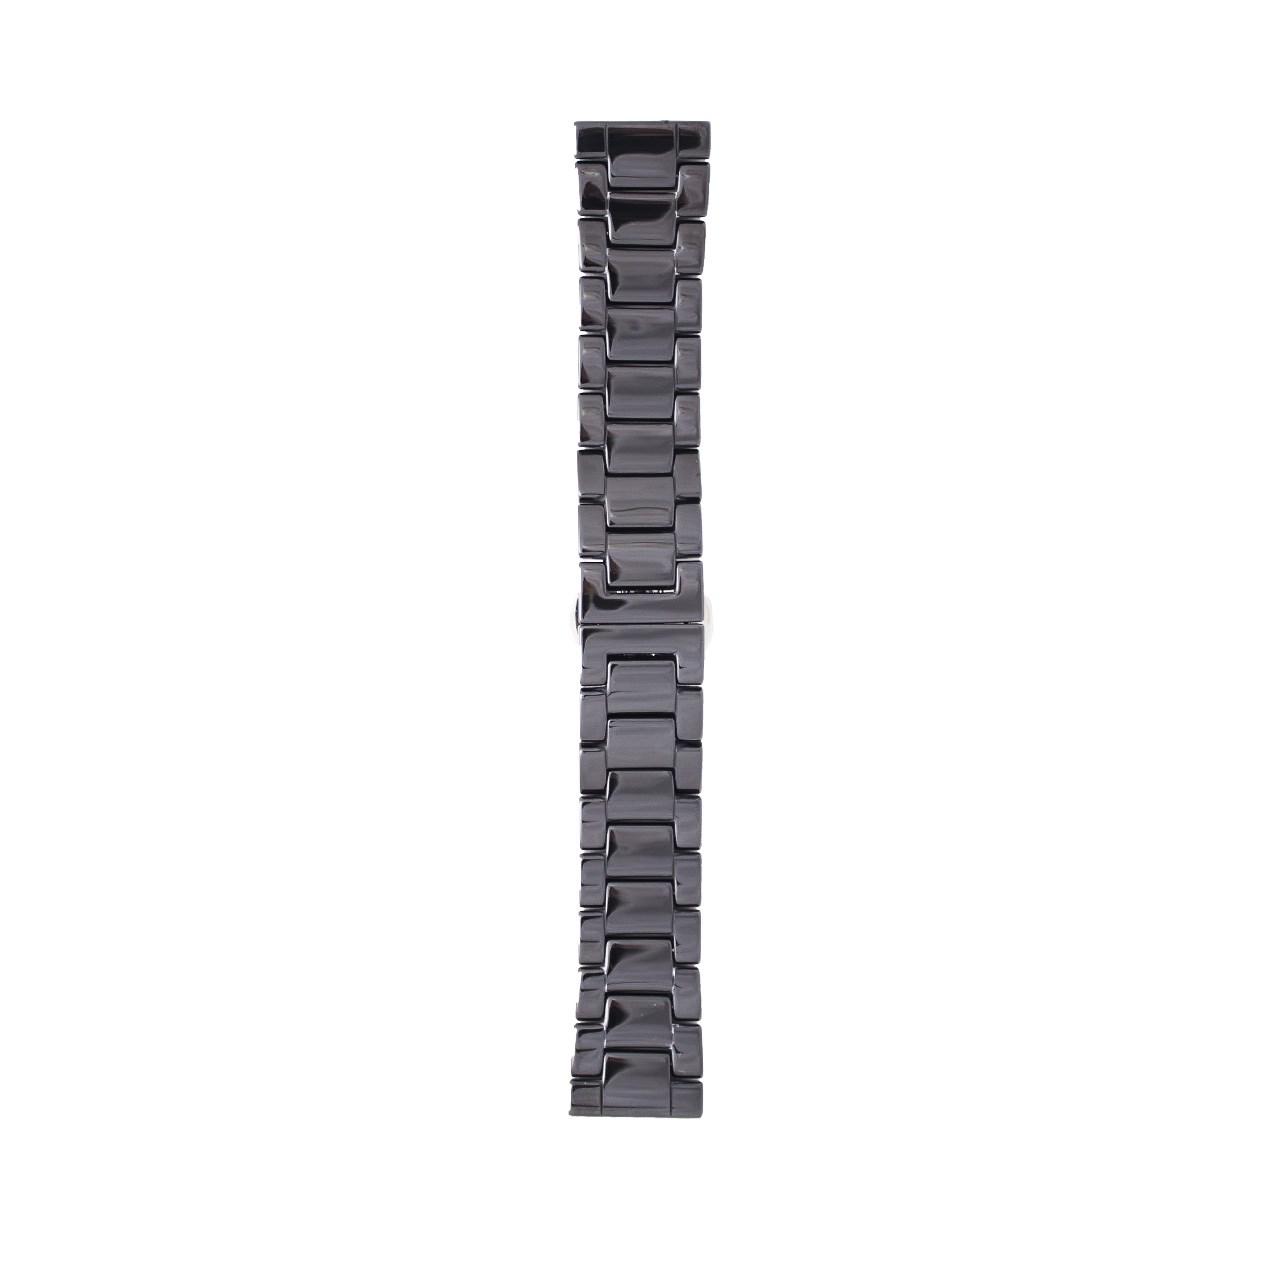 قیمت بند استیل ساعت هوشمند مدل Ceramics Band مناسب برای Gear S3